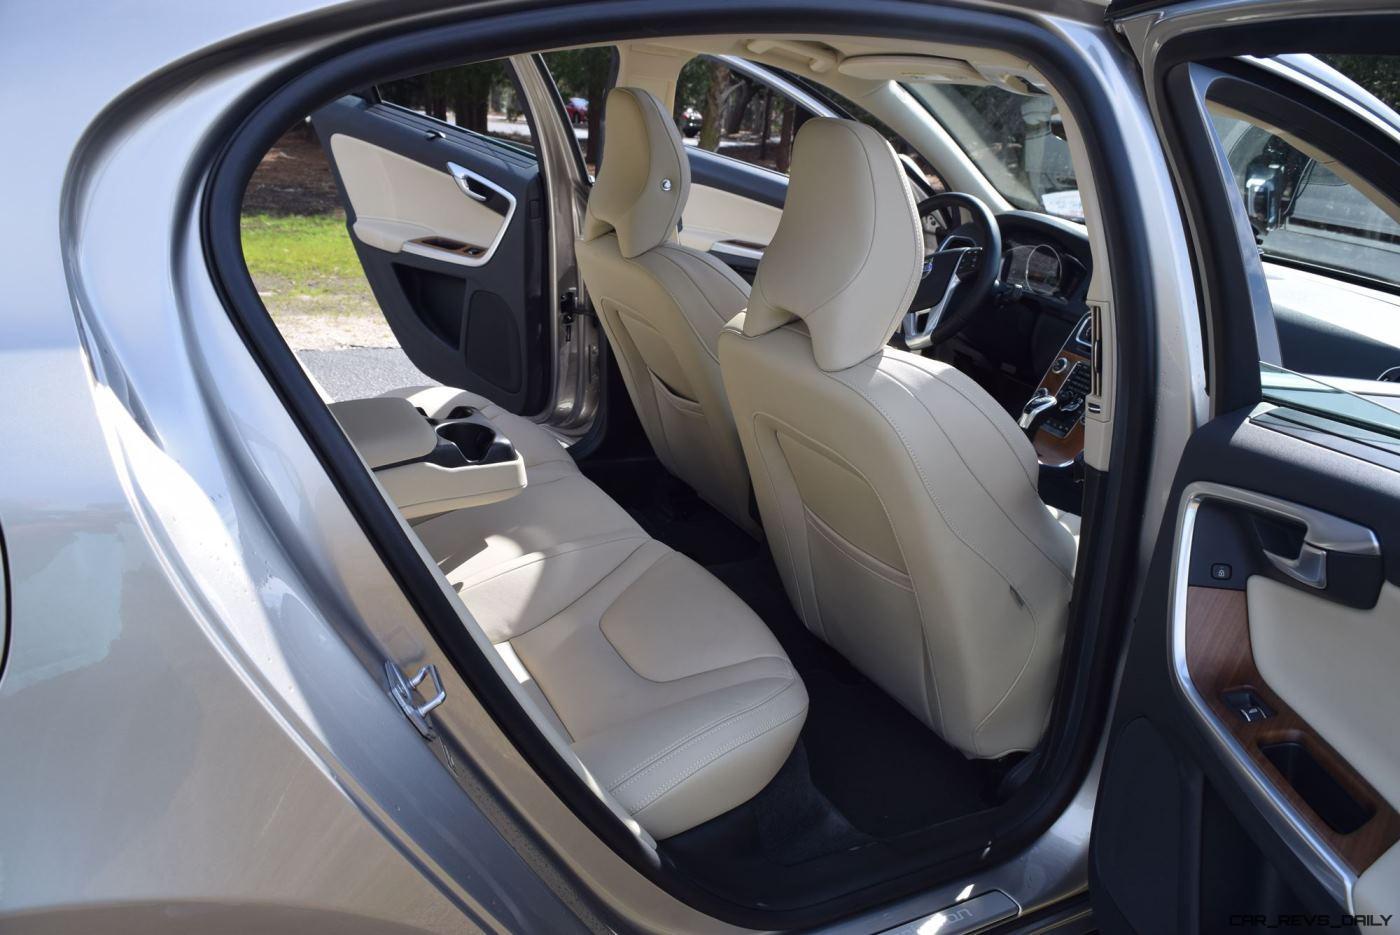 Photo S60 Interior Images 2017 Volvo S60 T5 Interior Decoratingspecialcom Volvo S60 Interior